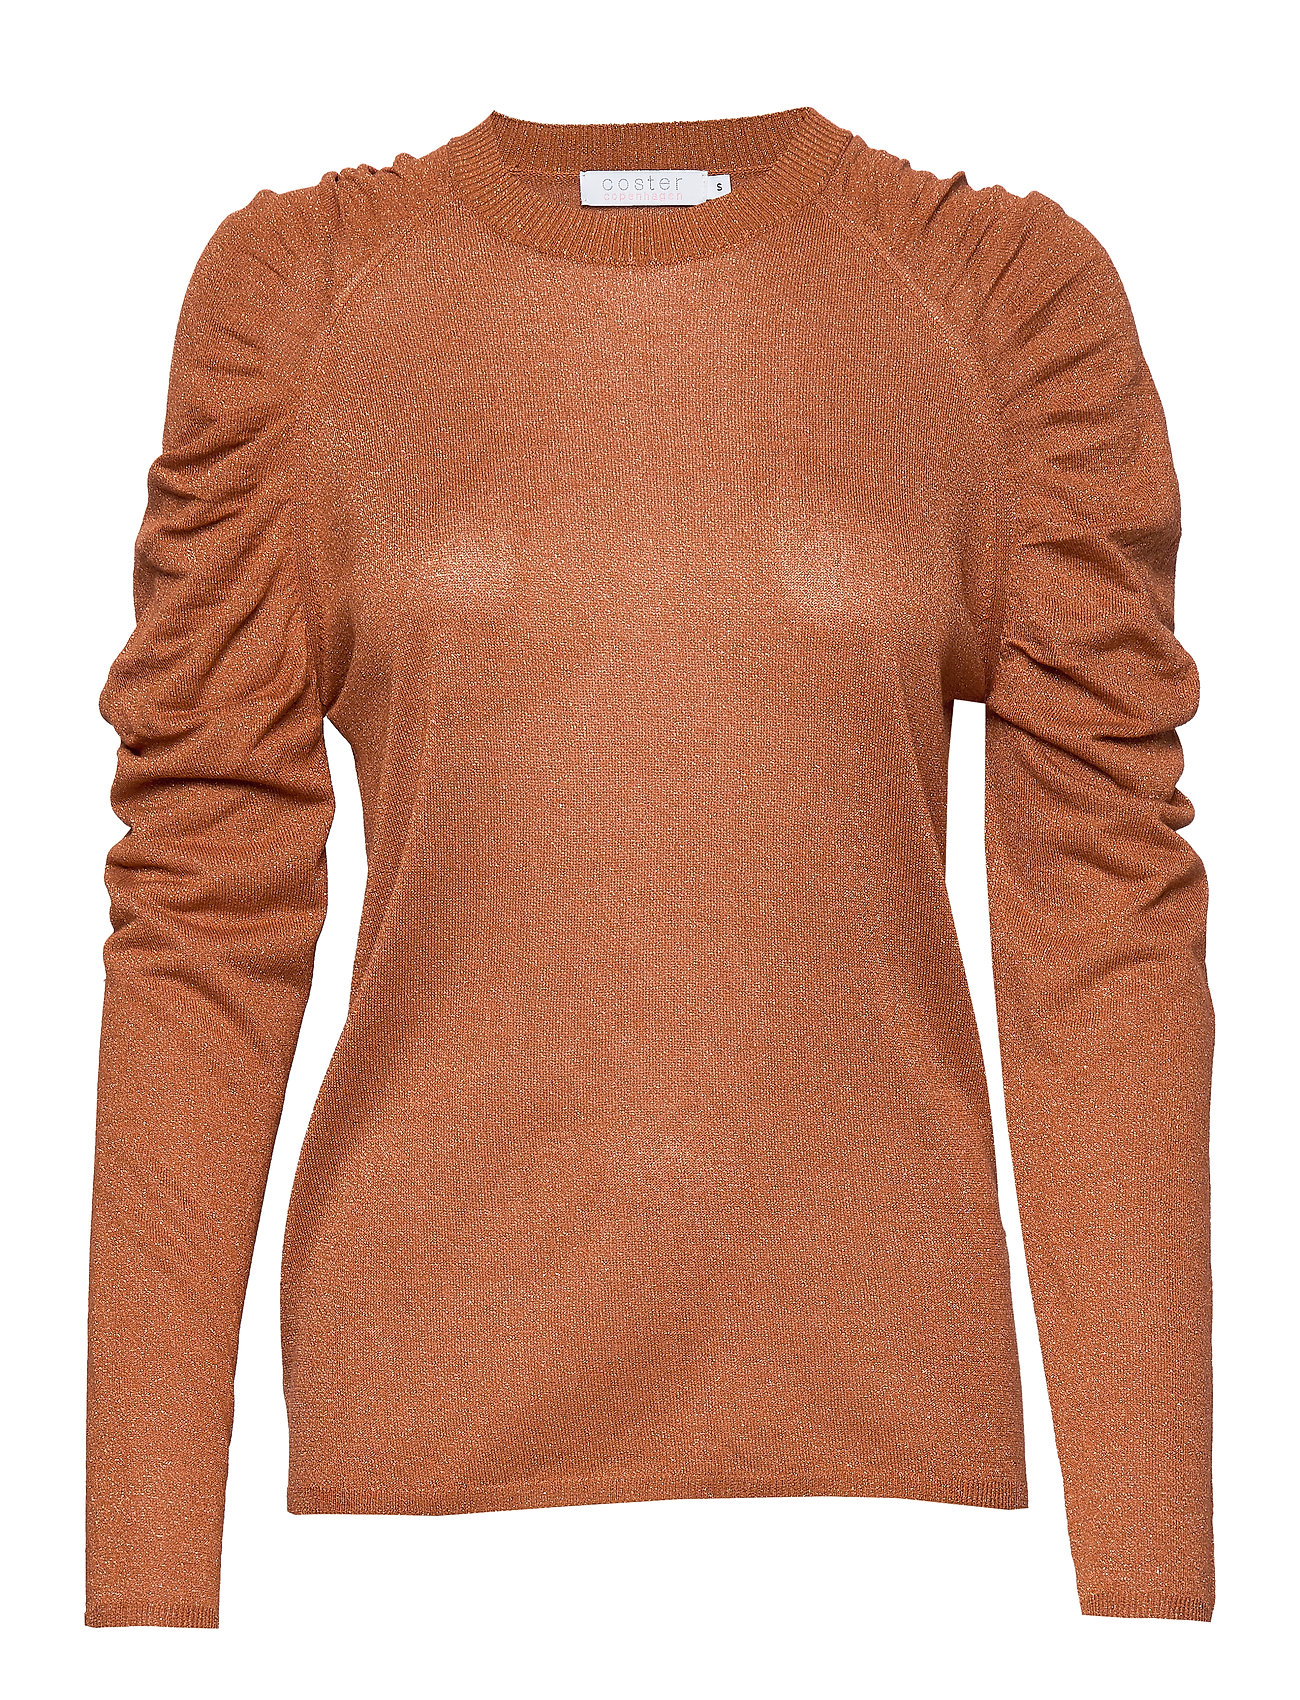 Coster Copenhagen Knit in lurex w. volume at shoulder - CAMEL